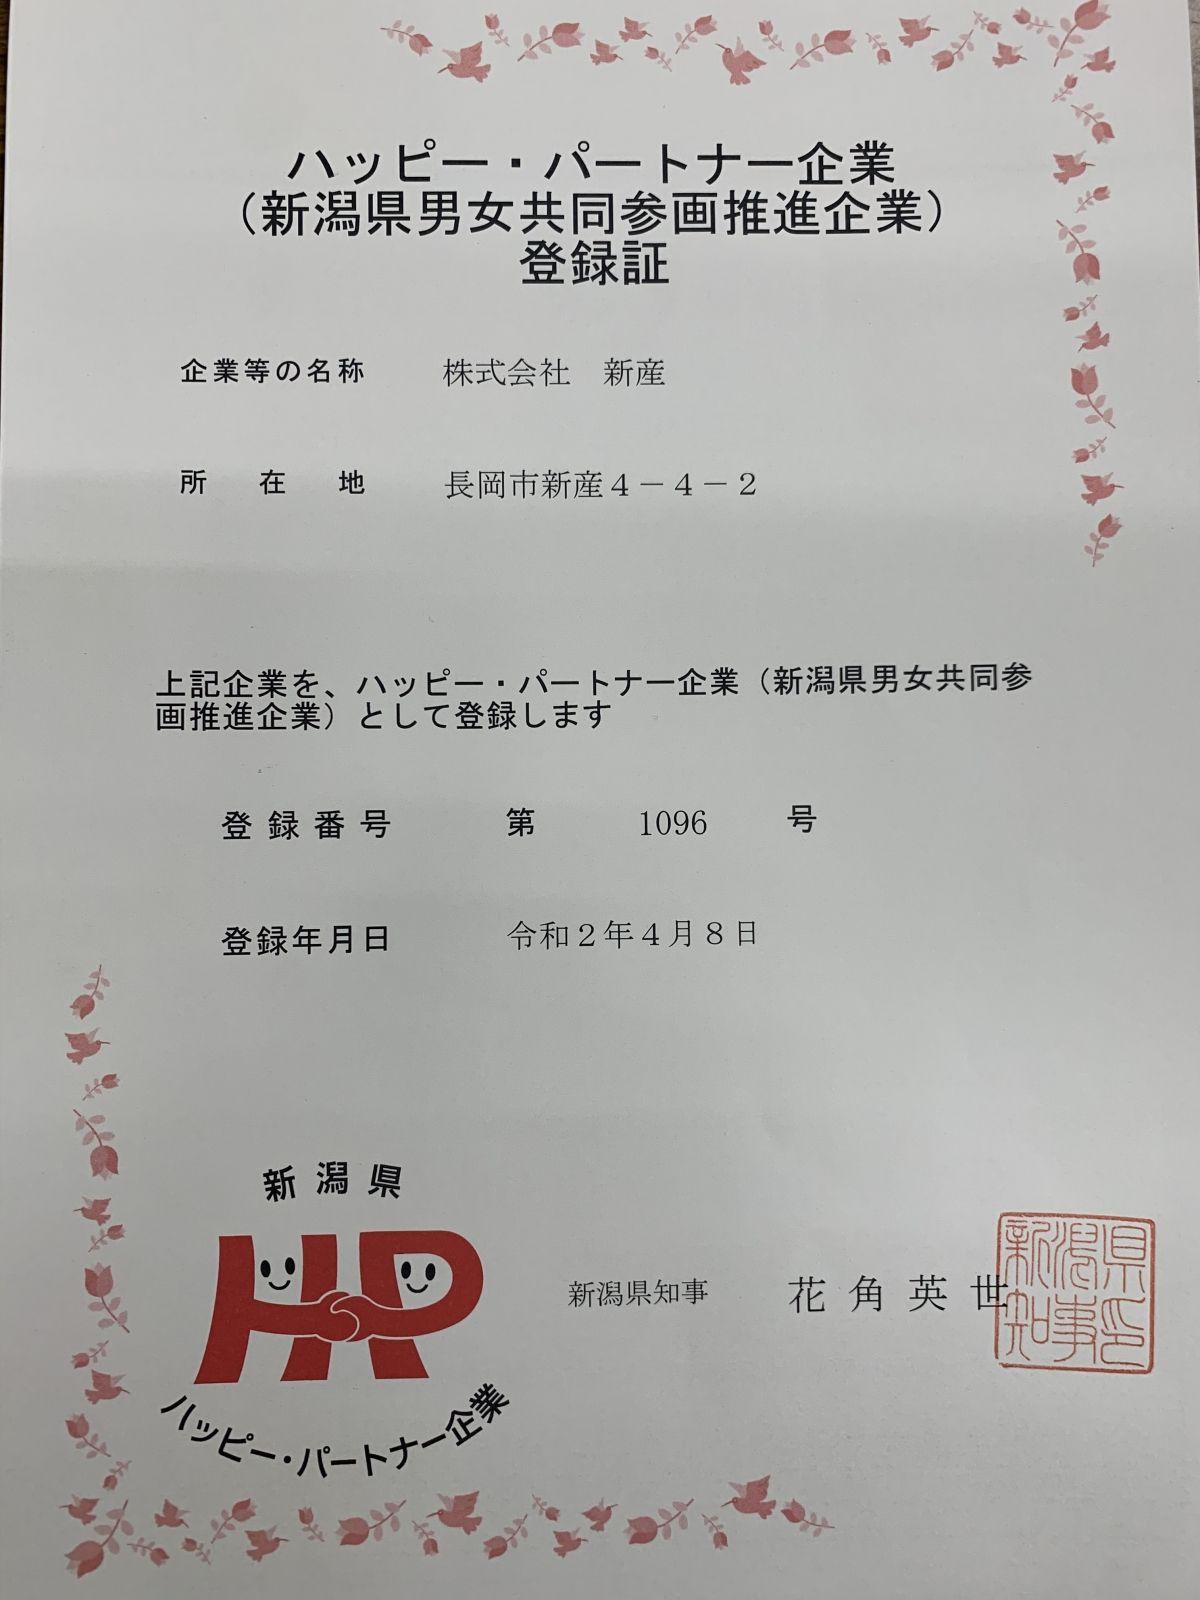 ハッピー・パートナー企業(新潟県男女共同参画推進企業)登録証